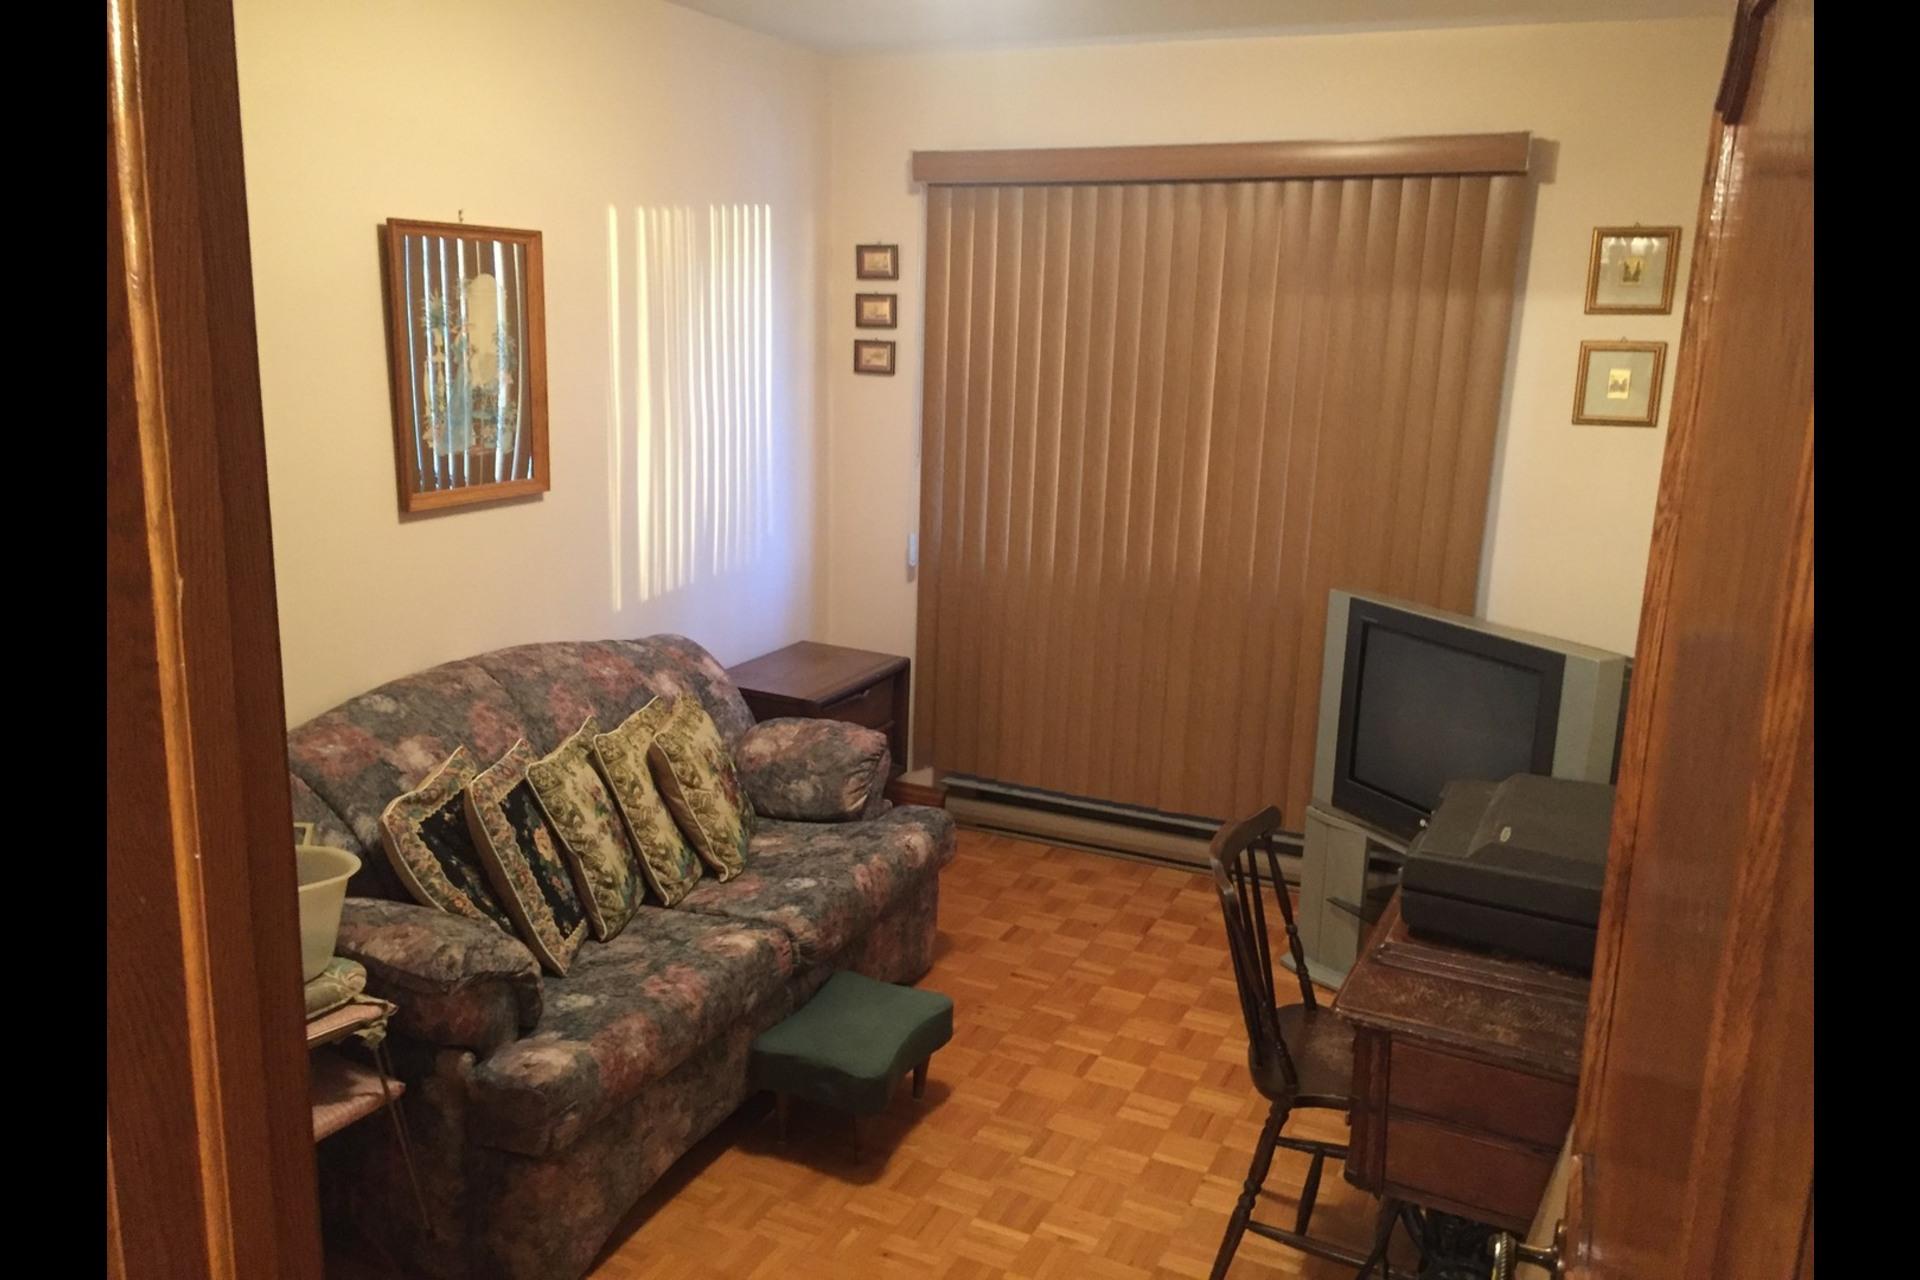 image 4 - Appartement À louer Montréal Saint-Leonard - 6 pièces